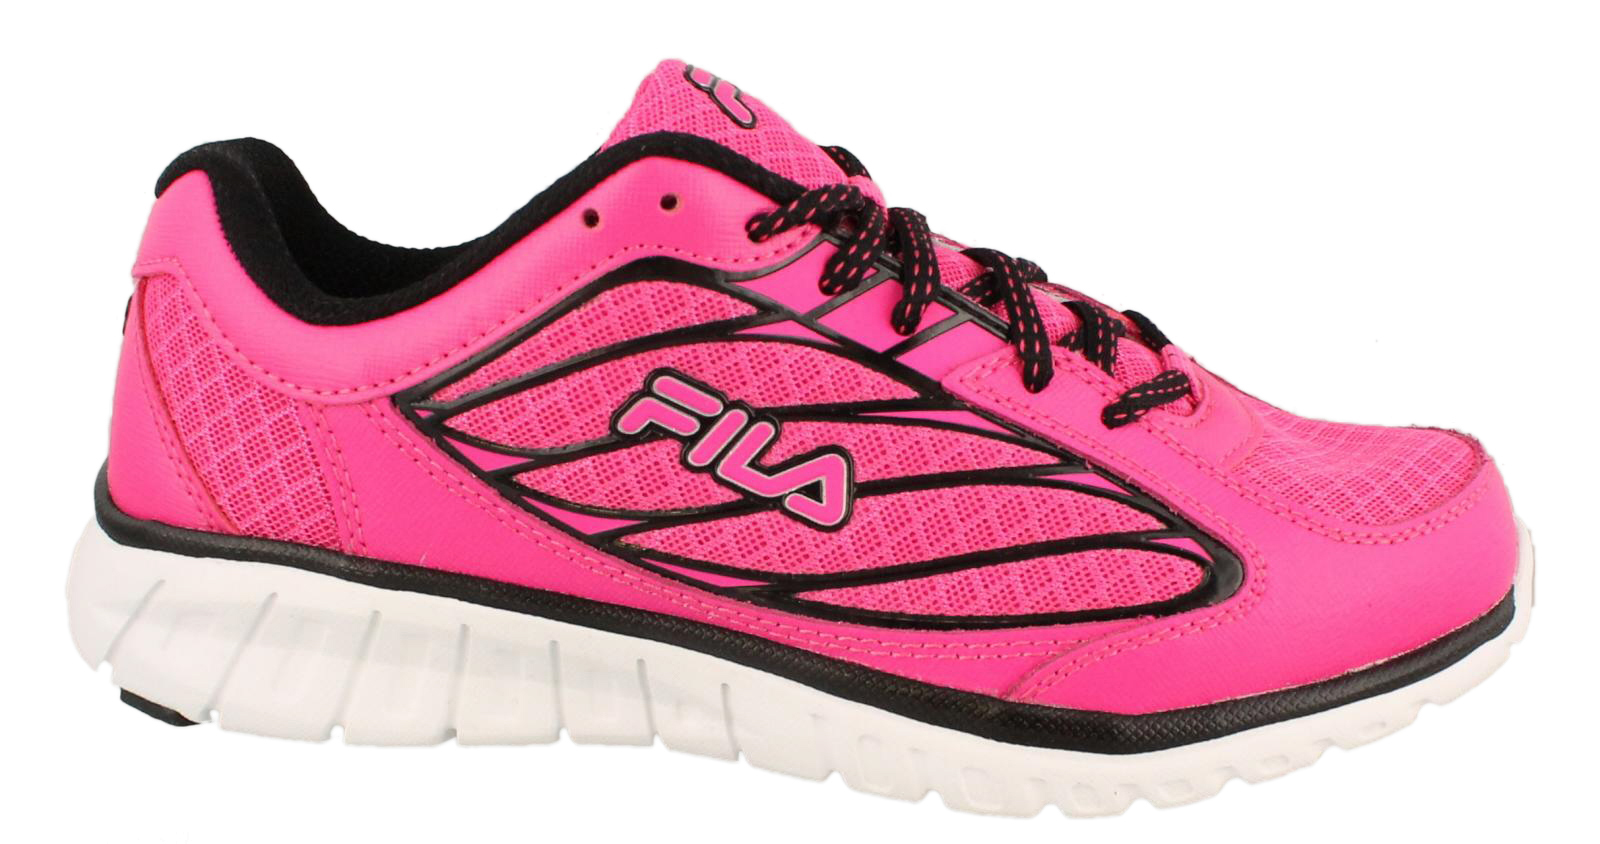 FILA Women's Fila, Hyper Split fashion running sneaker